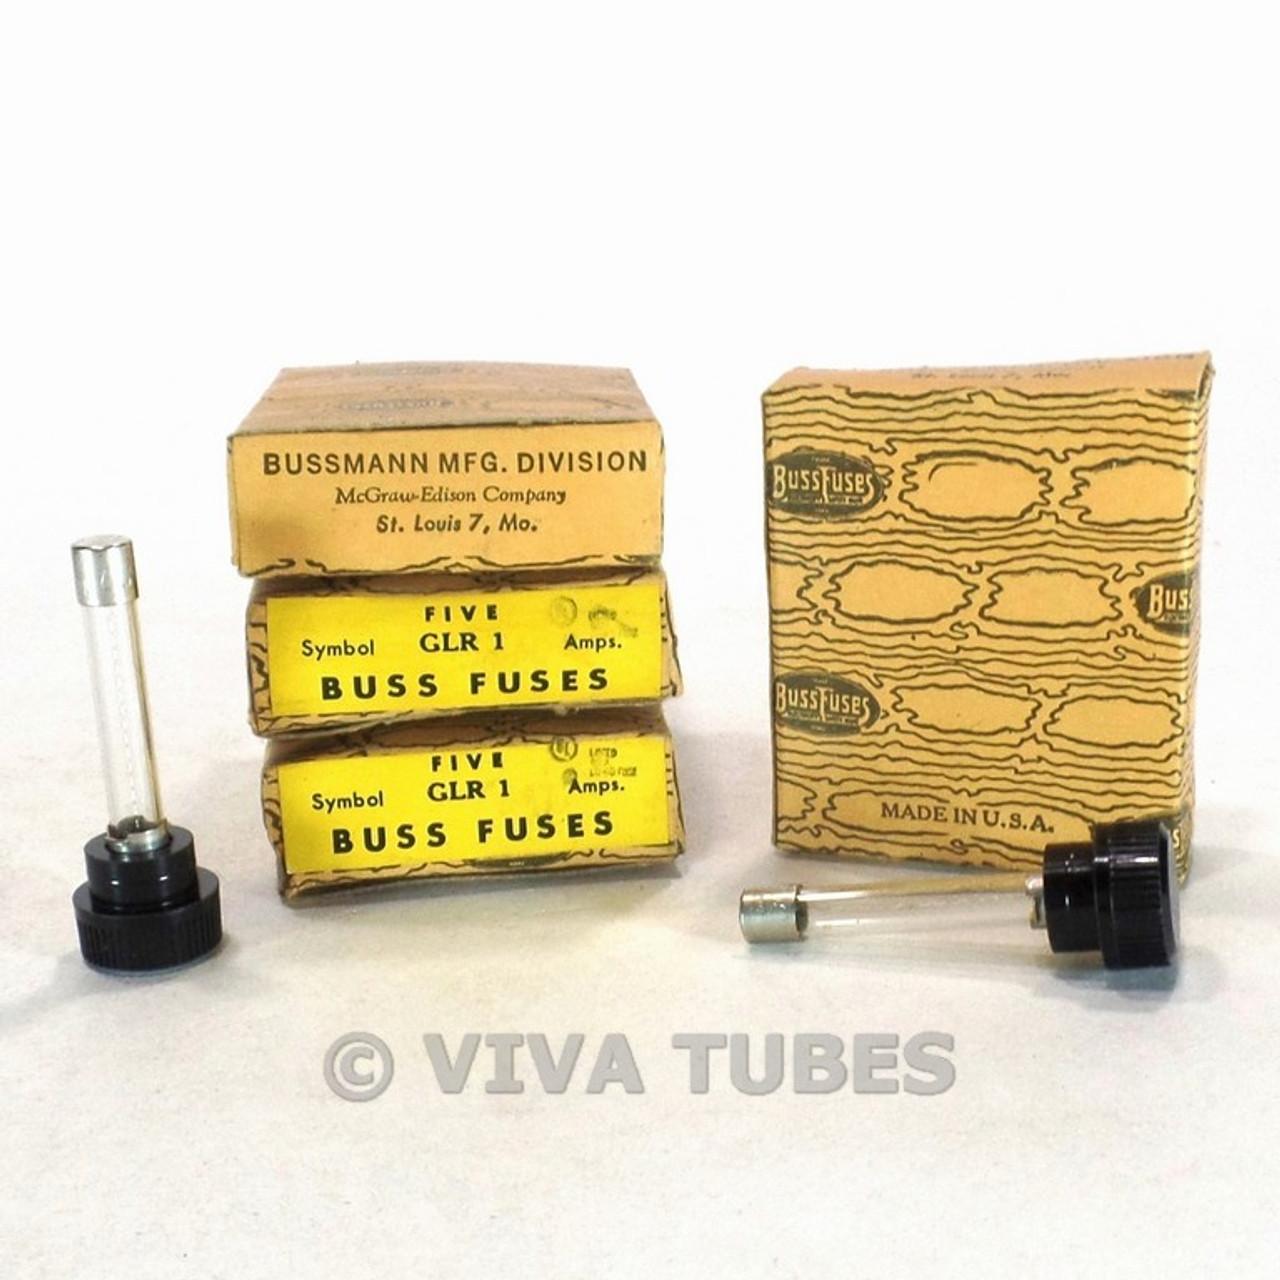 hight resolution of lot of 20 nos nib bussman fuses glr 1 a 300 v panel mount fuse holder tube amps viva tubes